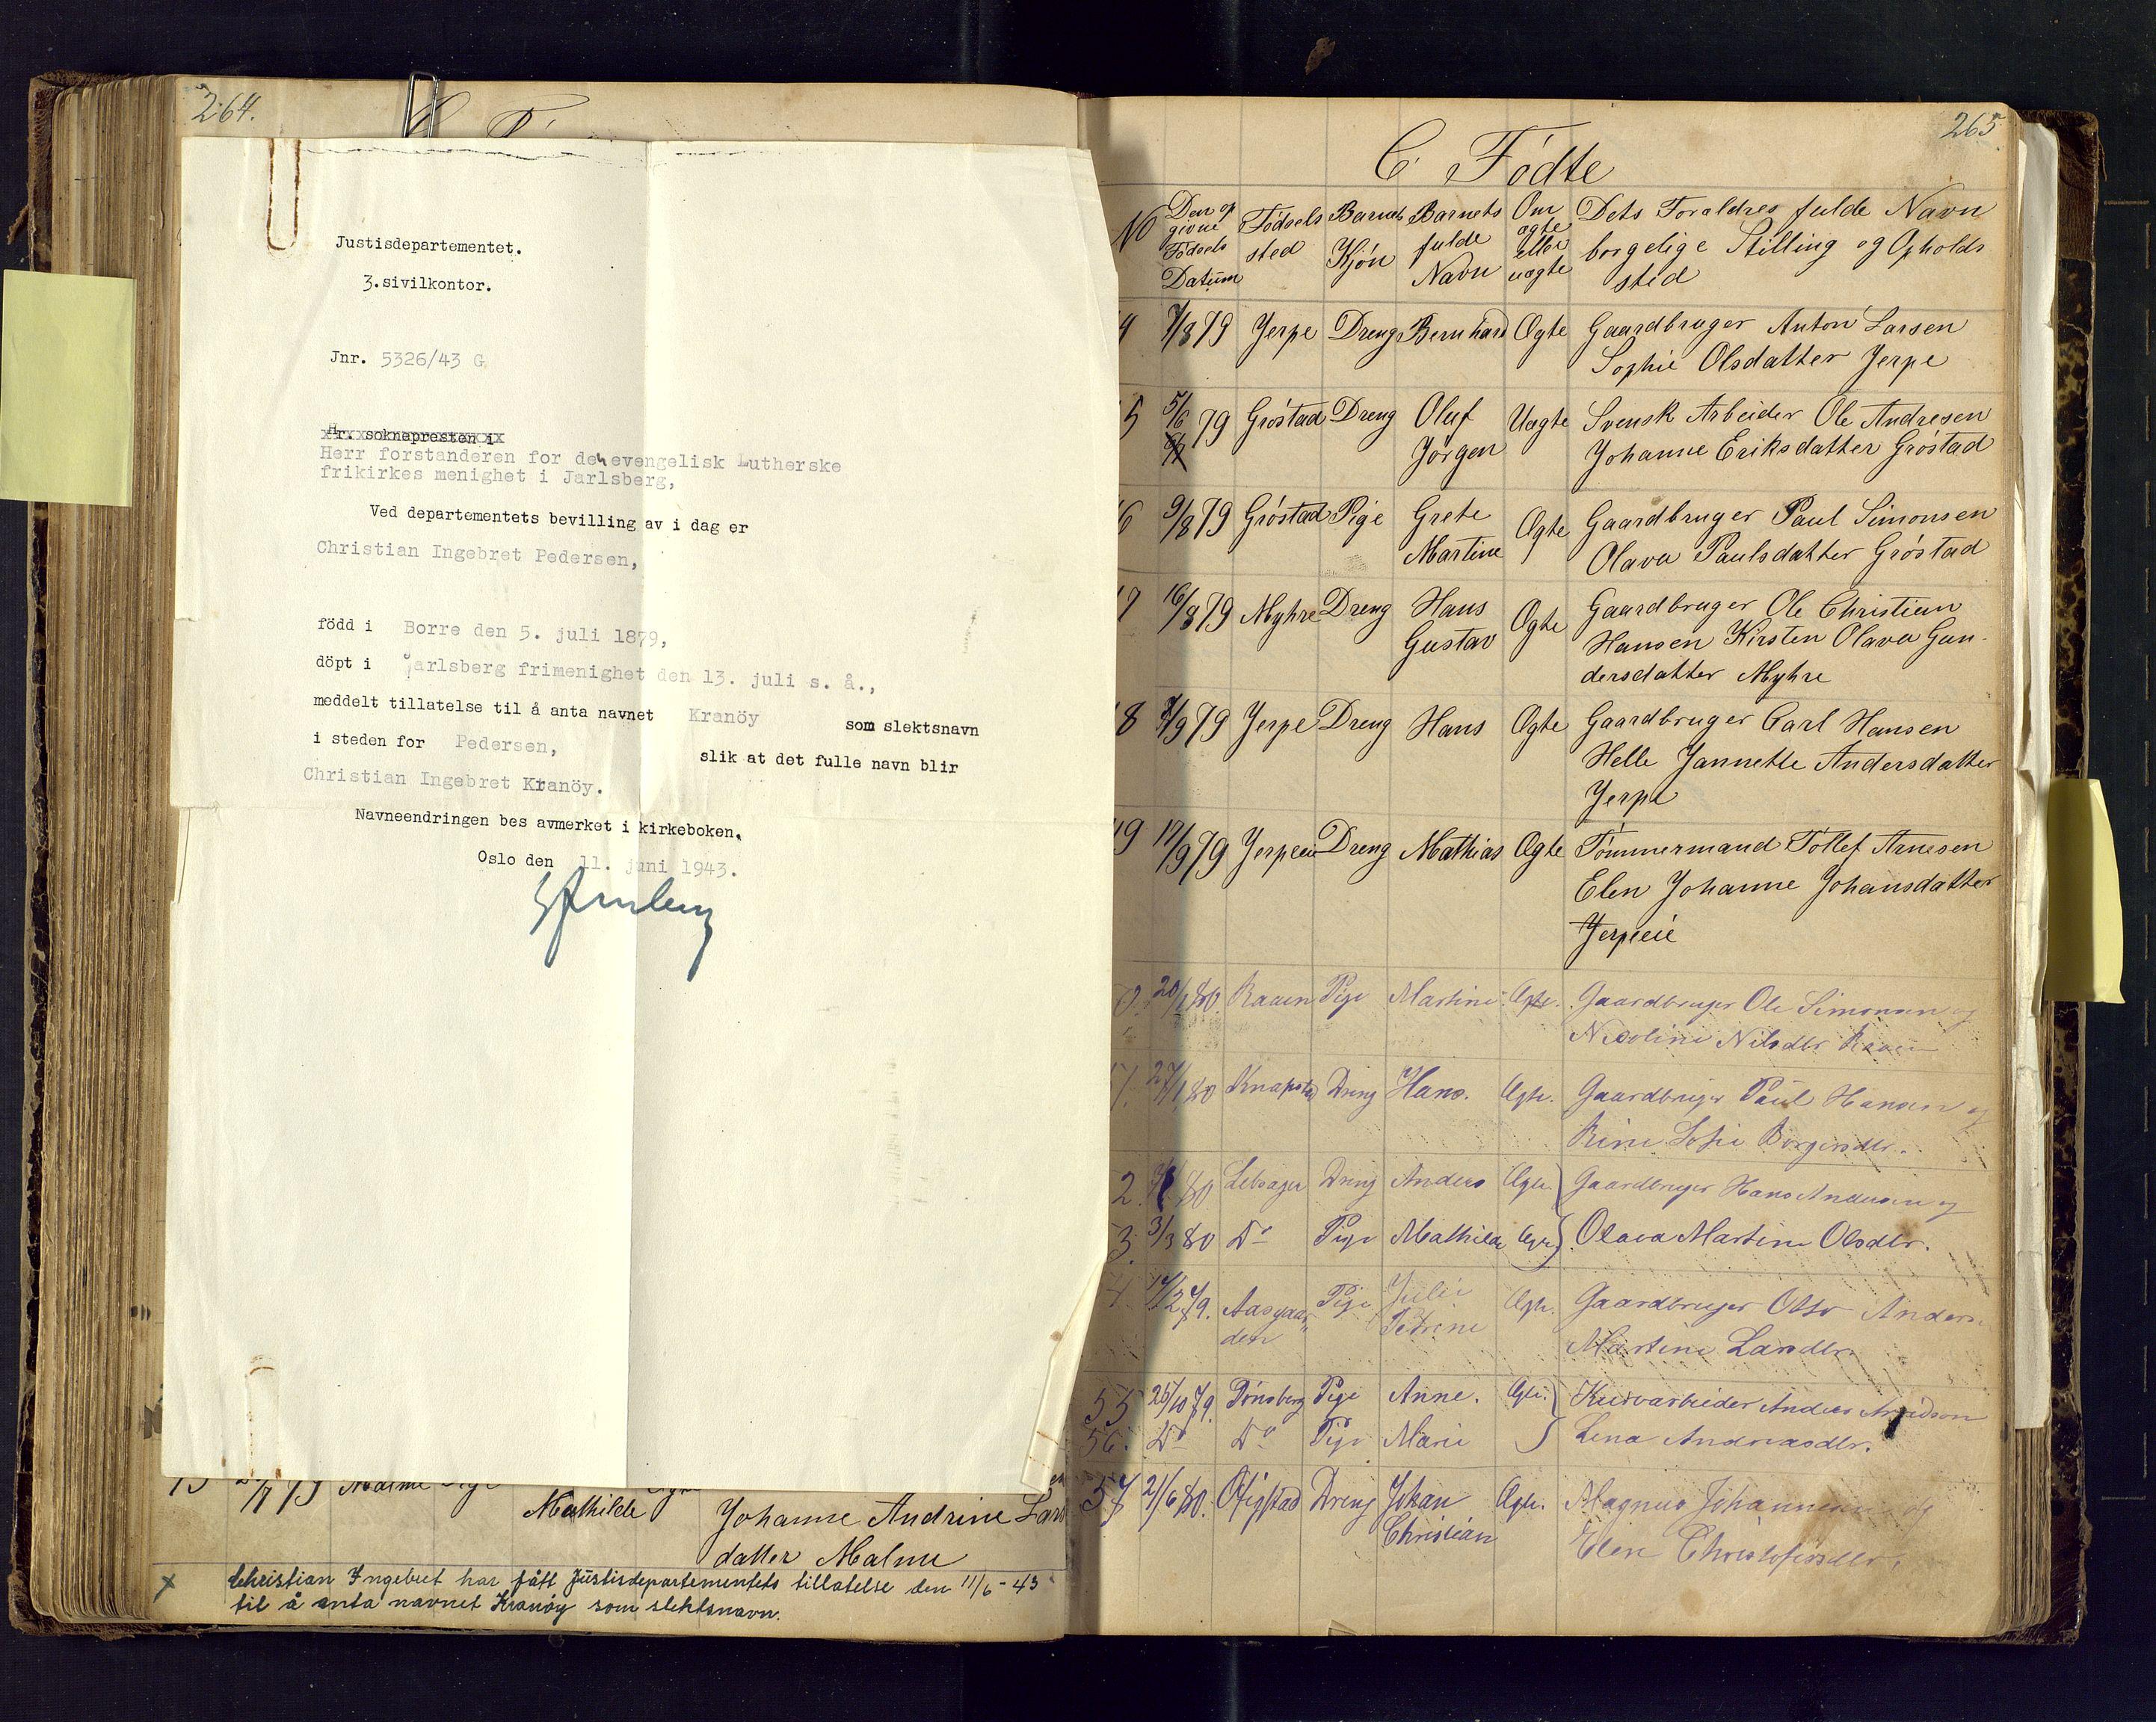 SAKO, Den evangeliske lutherske frimenighet (SAKO), Dissenterprotokoll nr. Fb/L0001, 1872-1907, s. 264-265